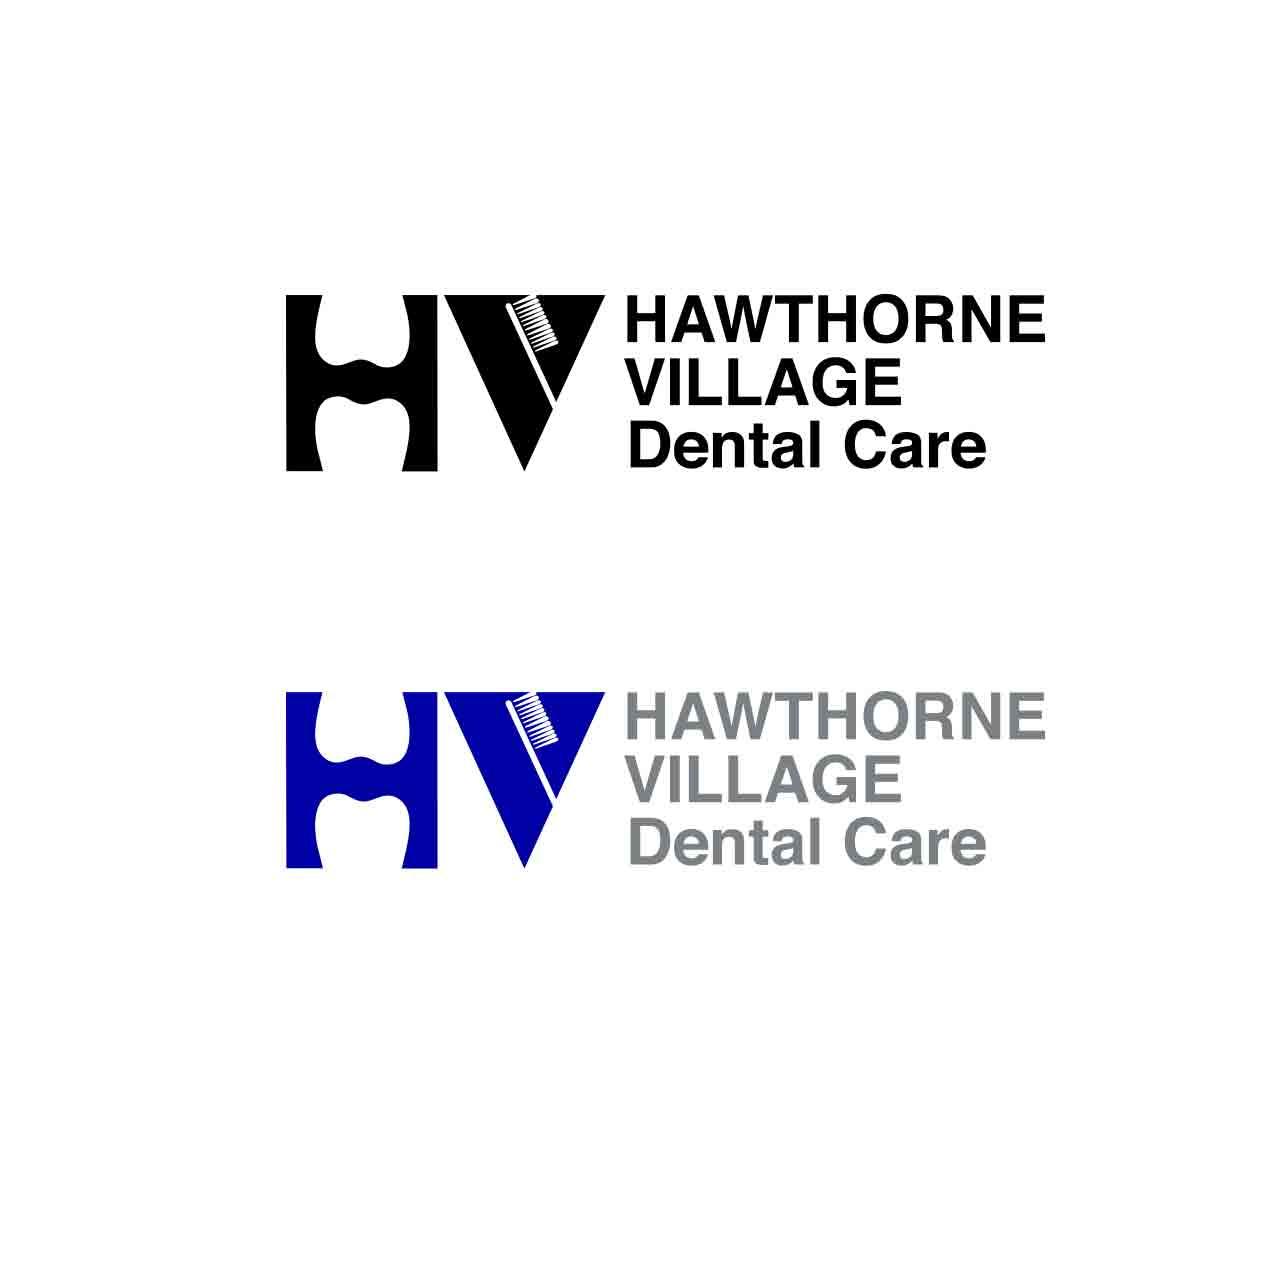 hawthorne-village-dental-care-logo-design